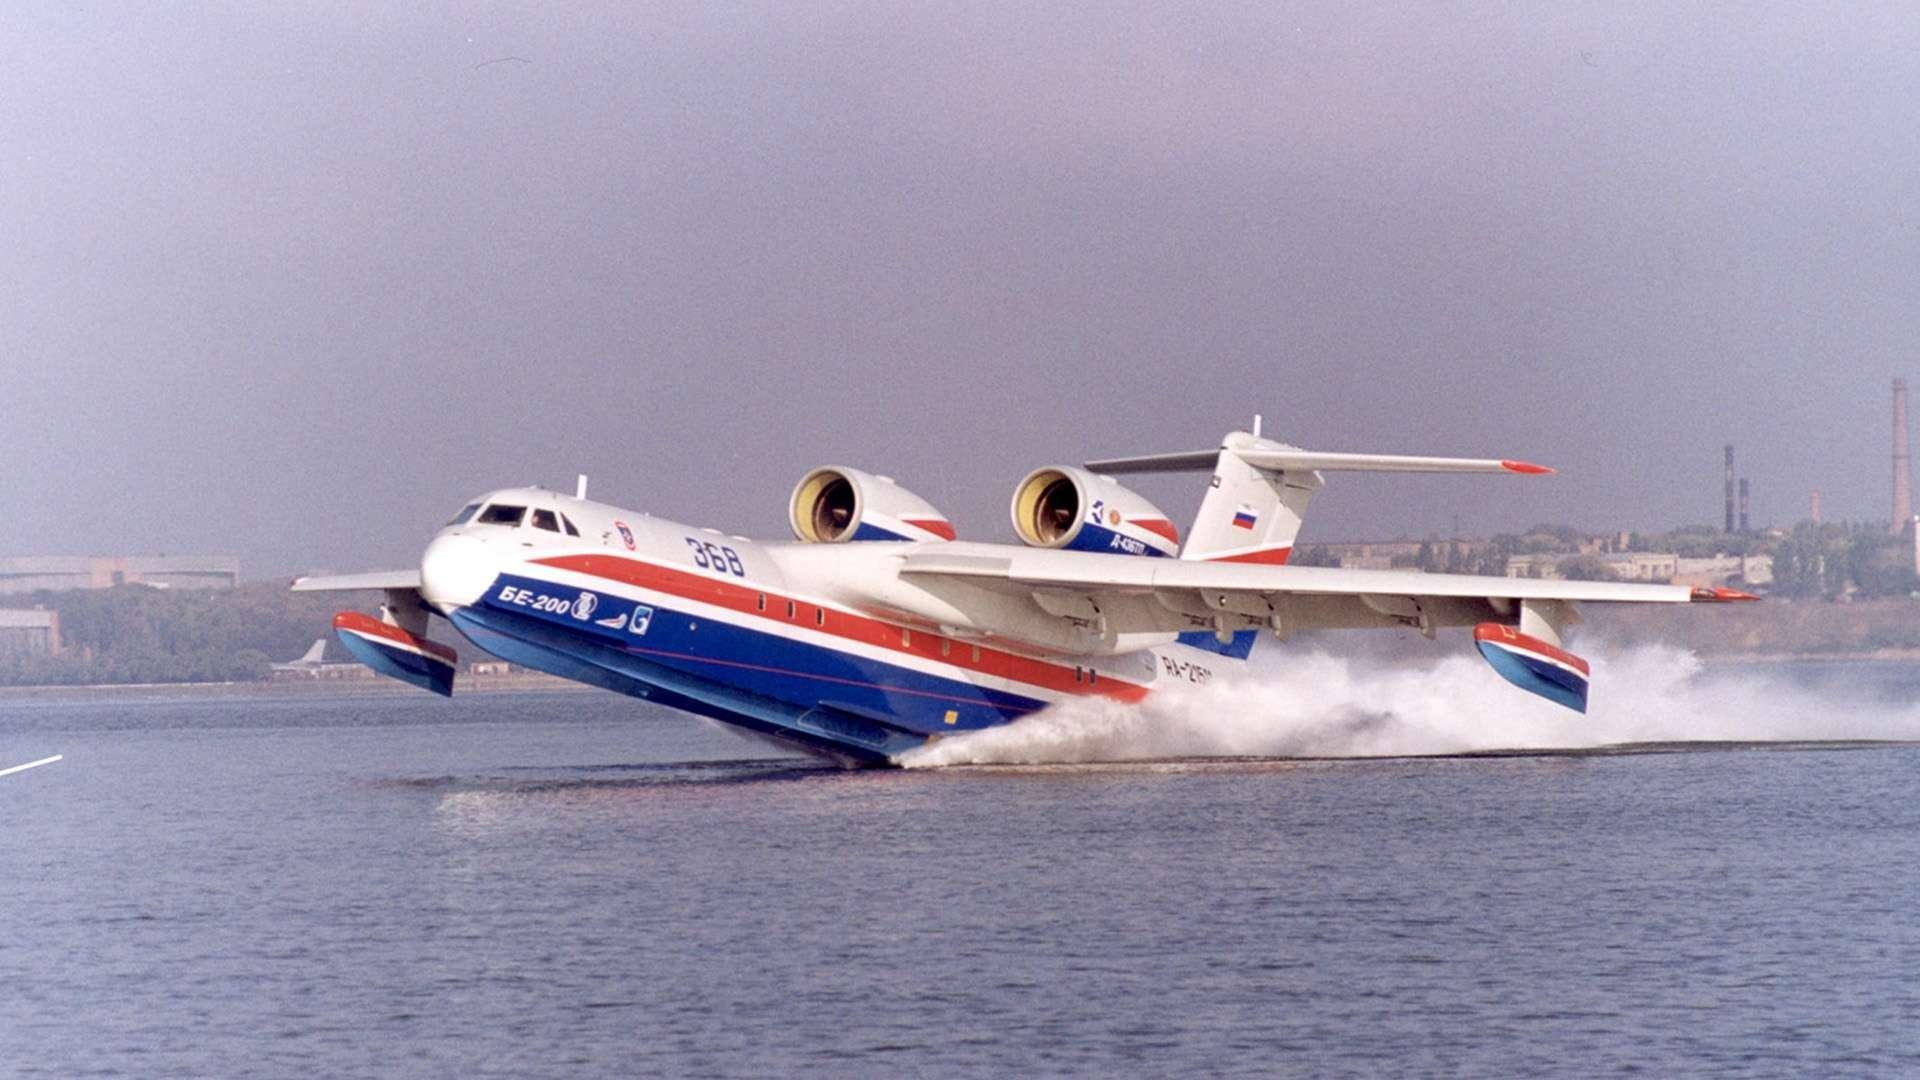 Самолёт-амфибия КБ Георгия Михайловича Бериева Бе-200 на глиссирующем режиме